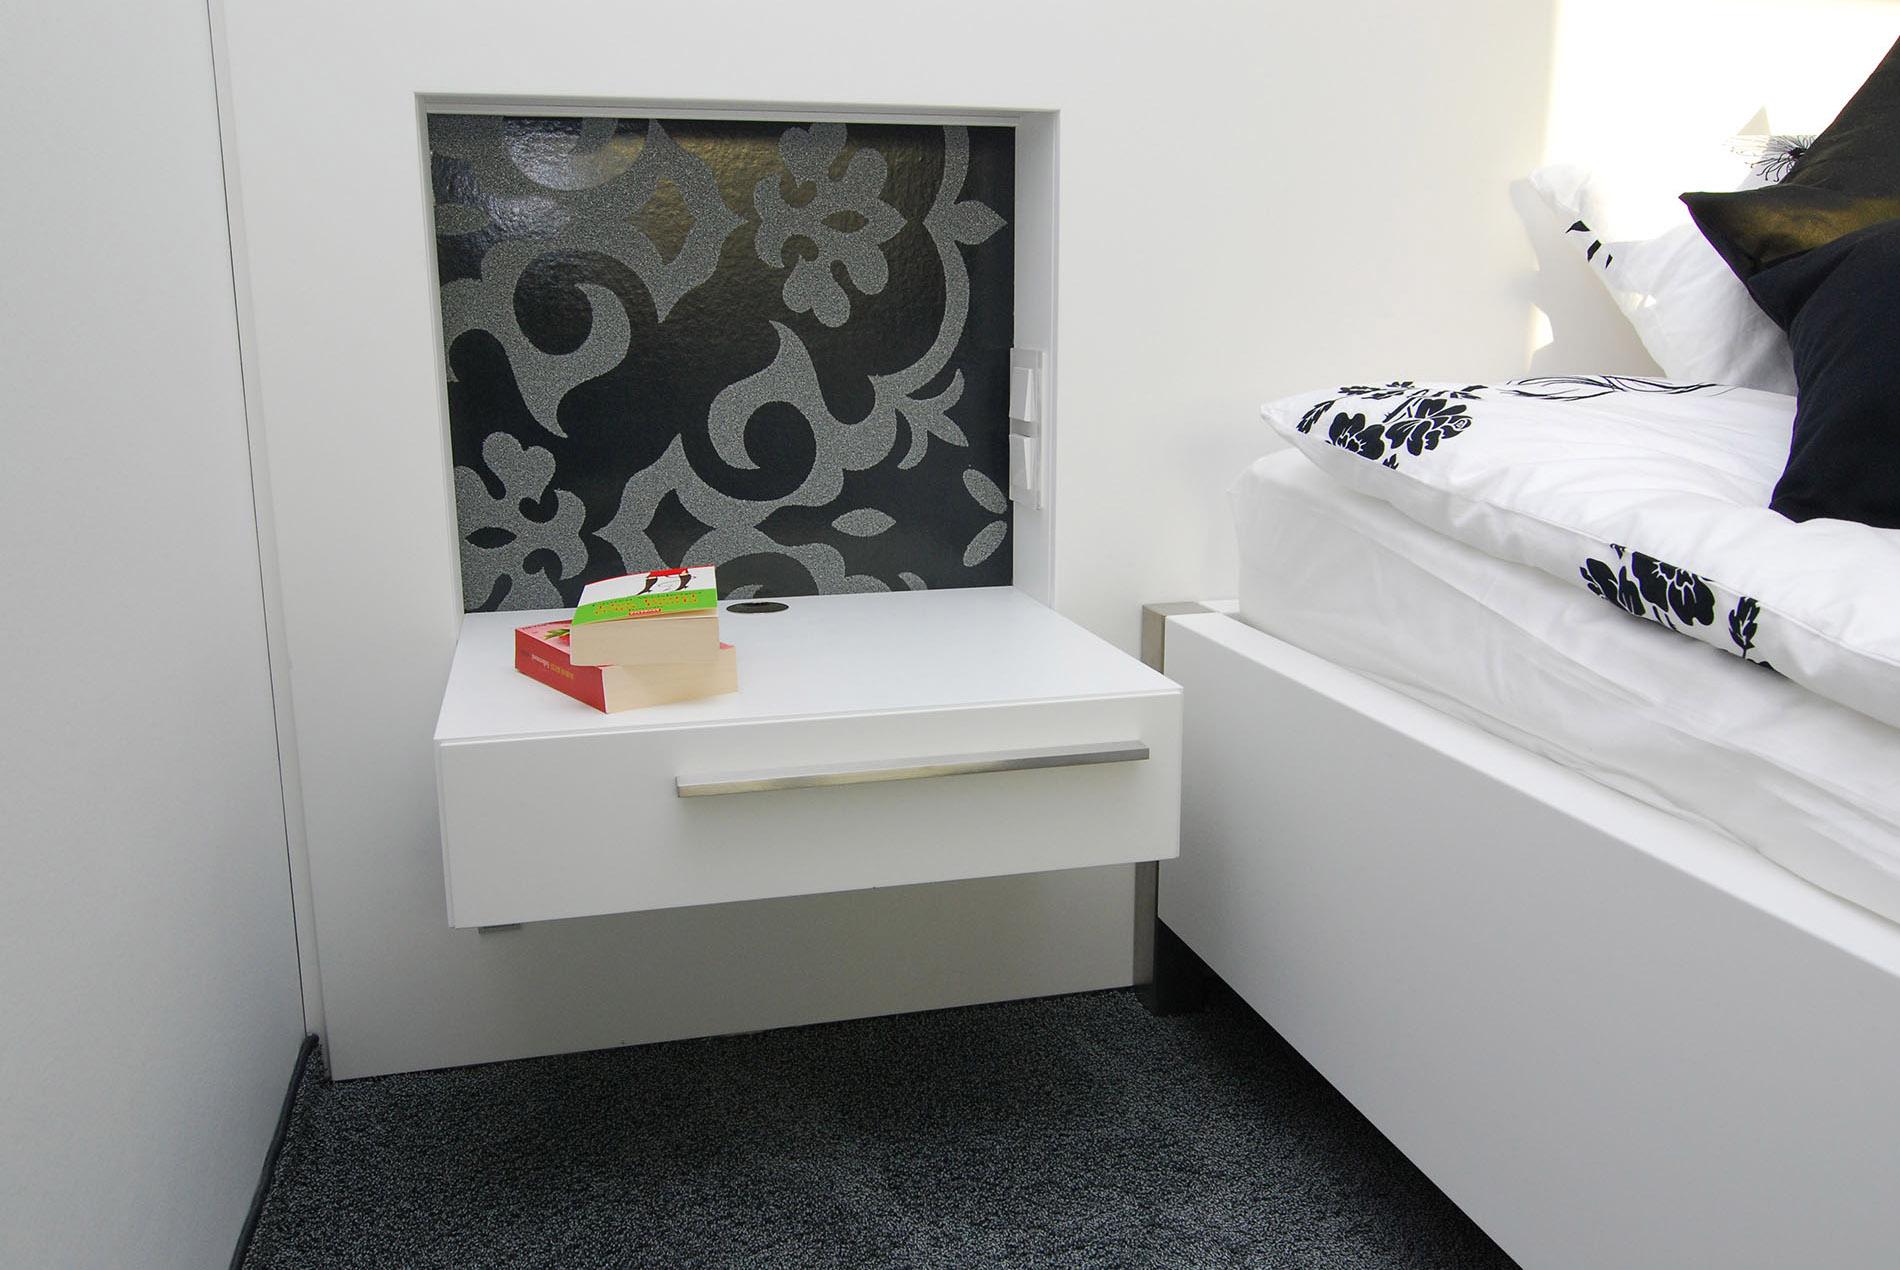 Schlafzimmer mit schrankwand sch pker holz wohn form gmbh for Schlafzimmer schrankwand